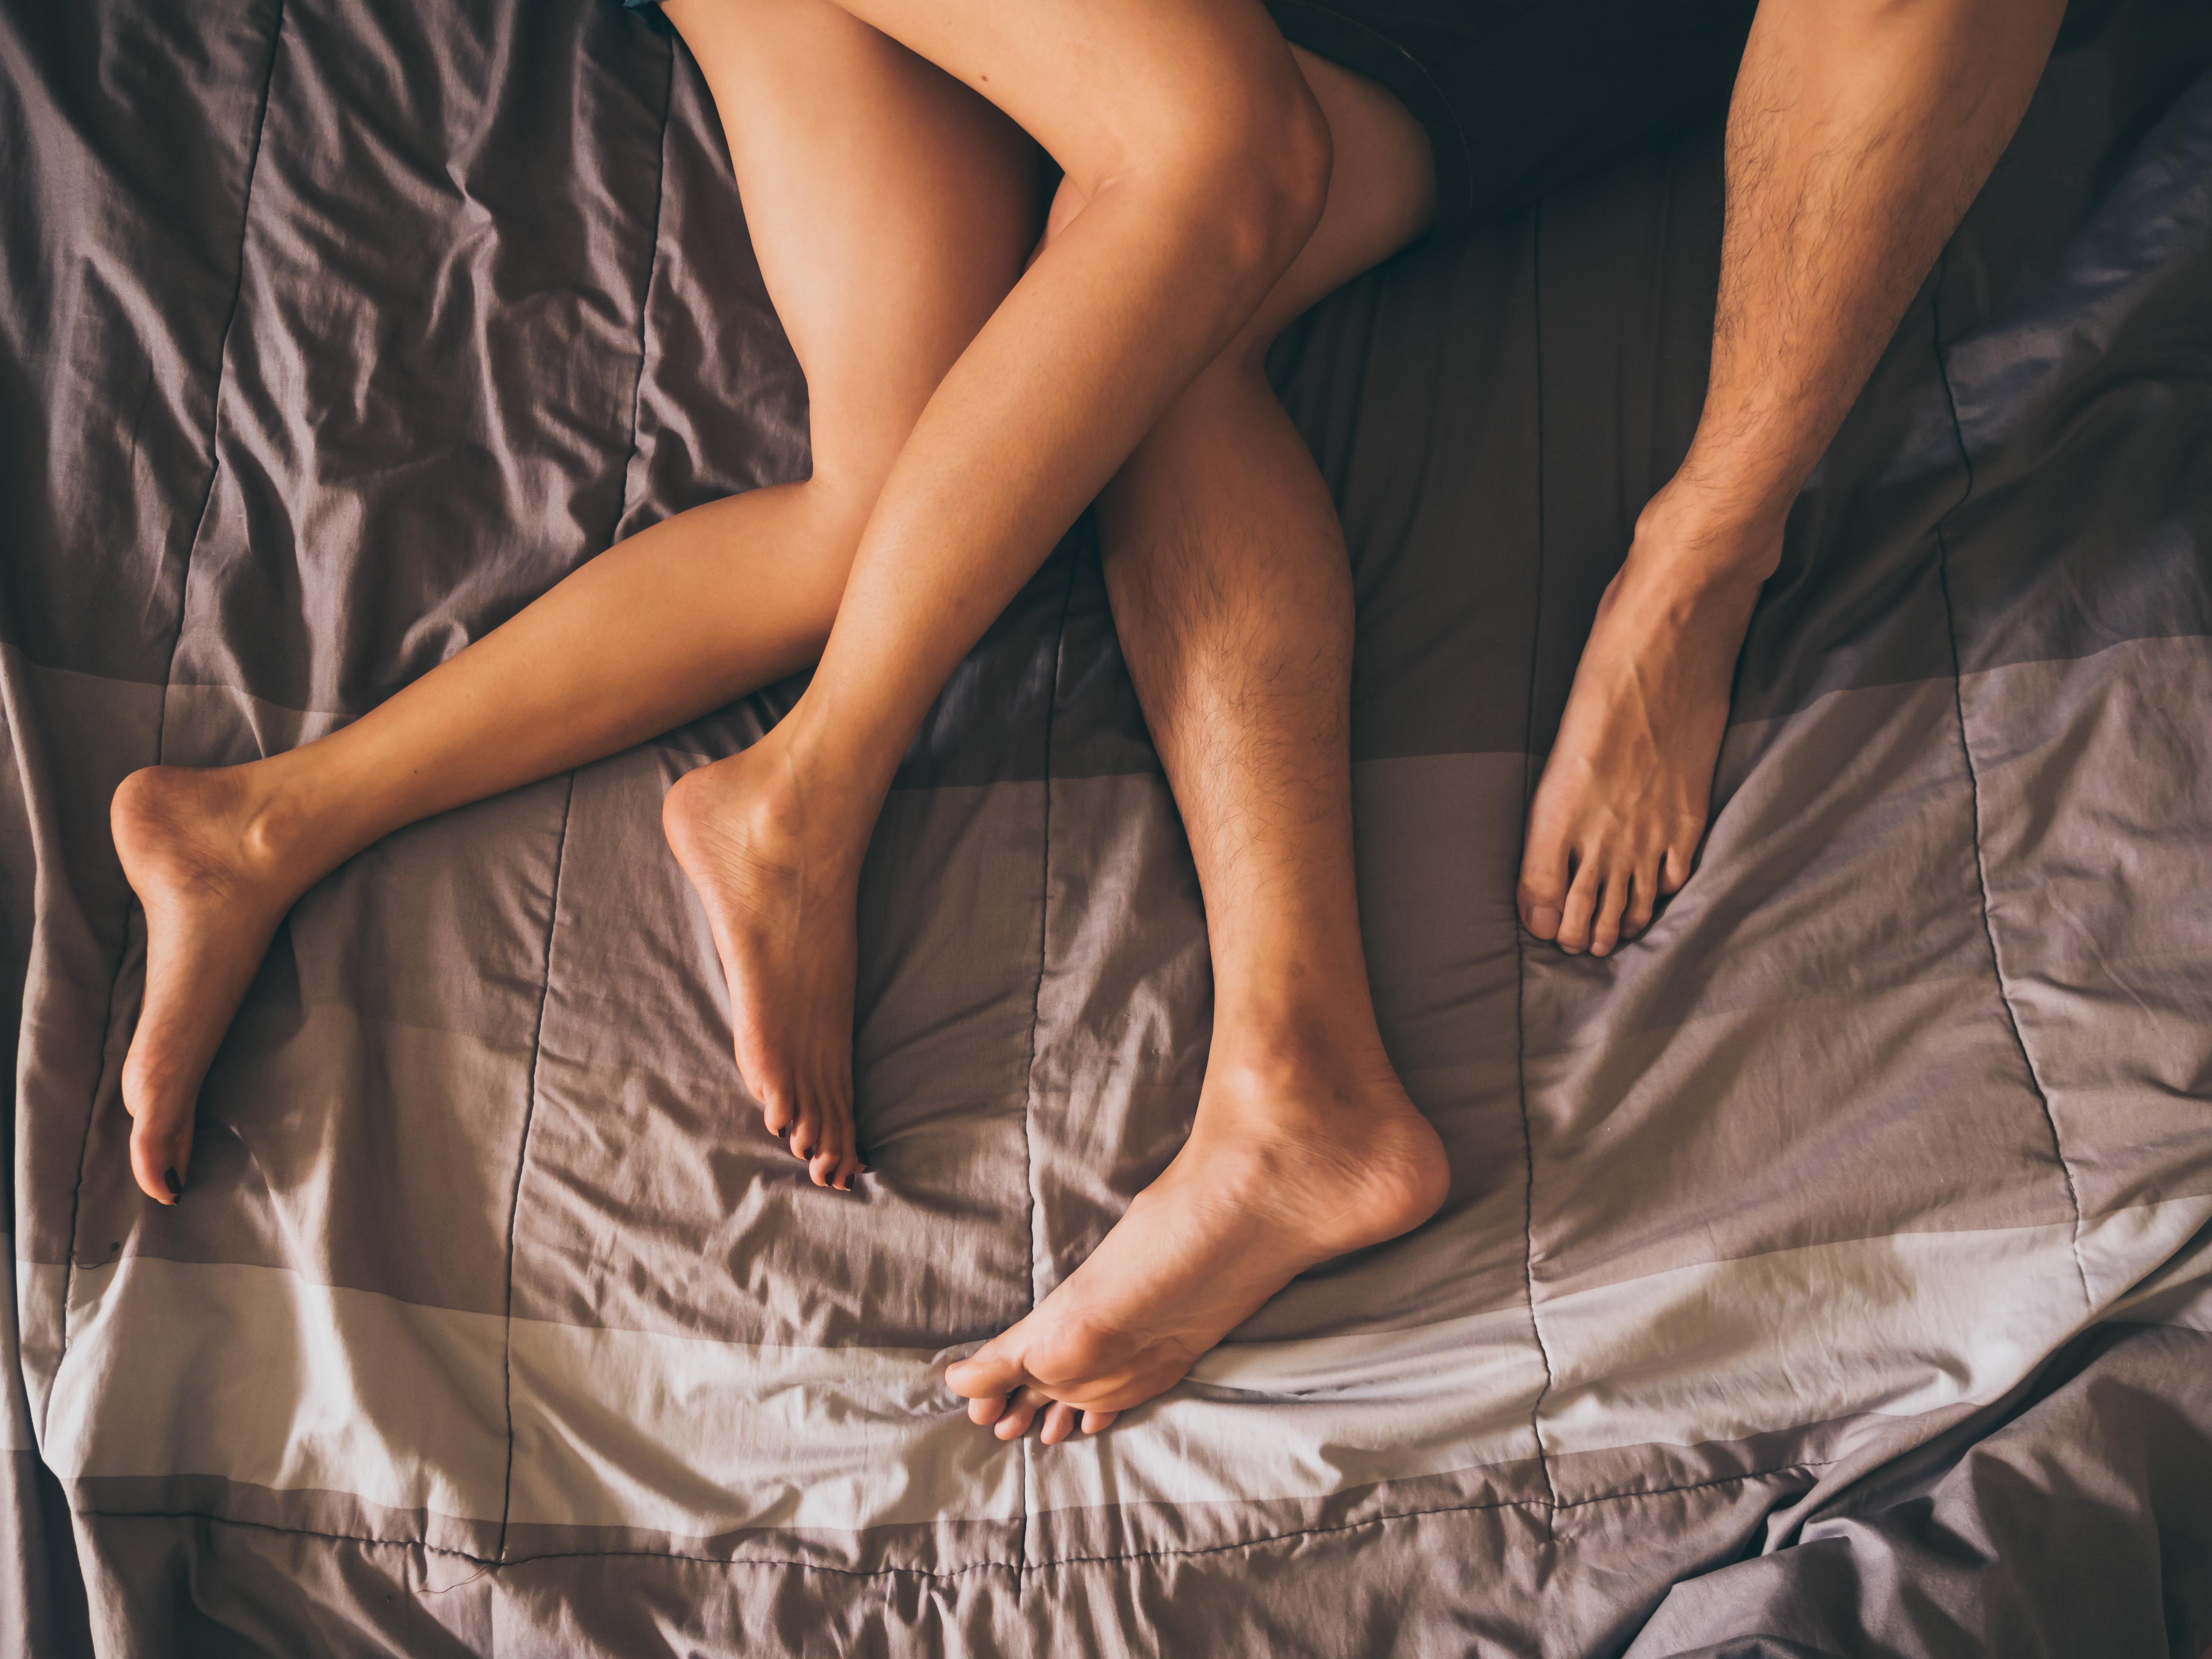 gøre piger orgasme fra anal sex hvorfor føler anal sex godt